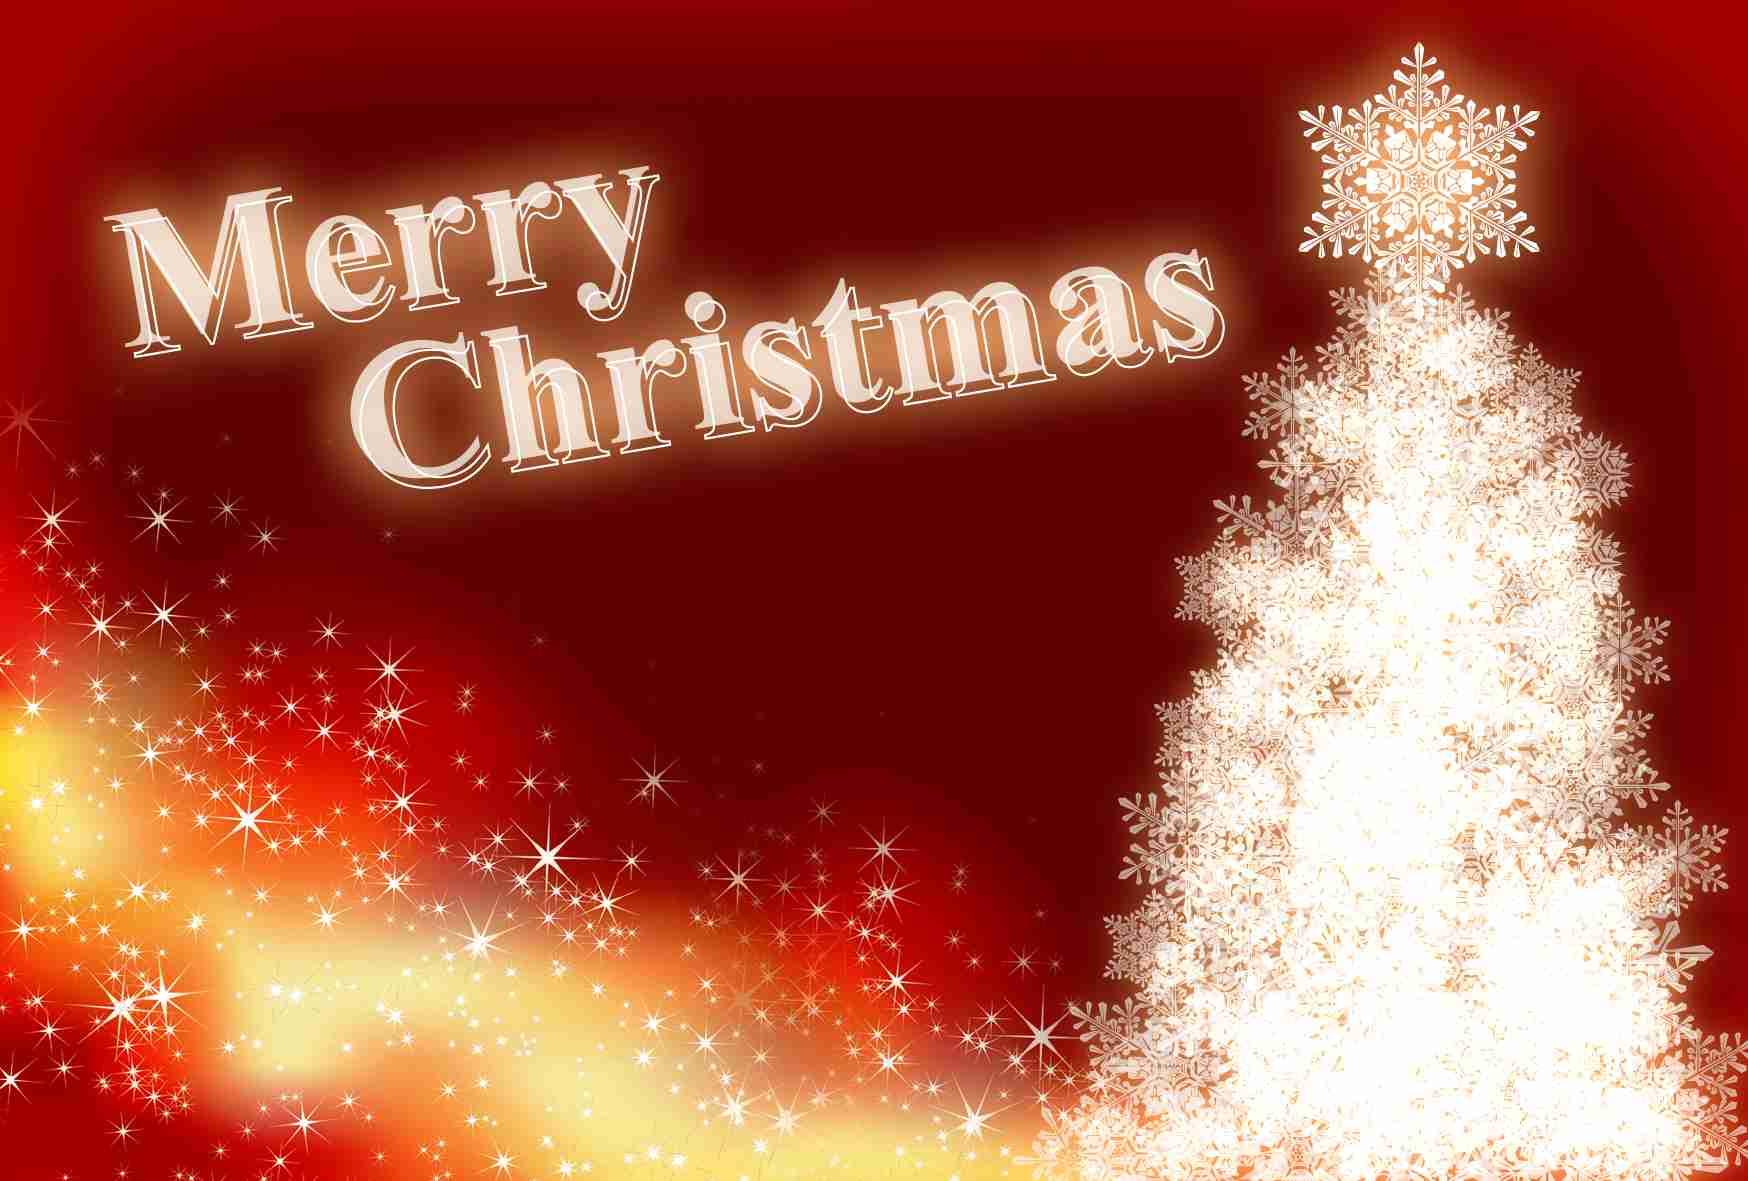 アダルトサイトがクリスマスの日の訪問状況を公開。全世界22%減少に対し、日本だけが8%増加w